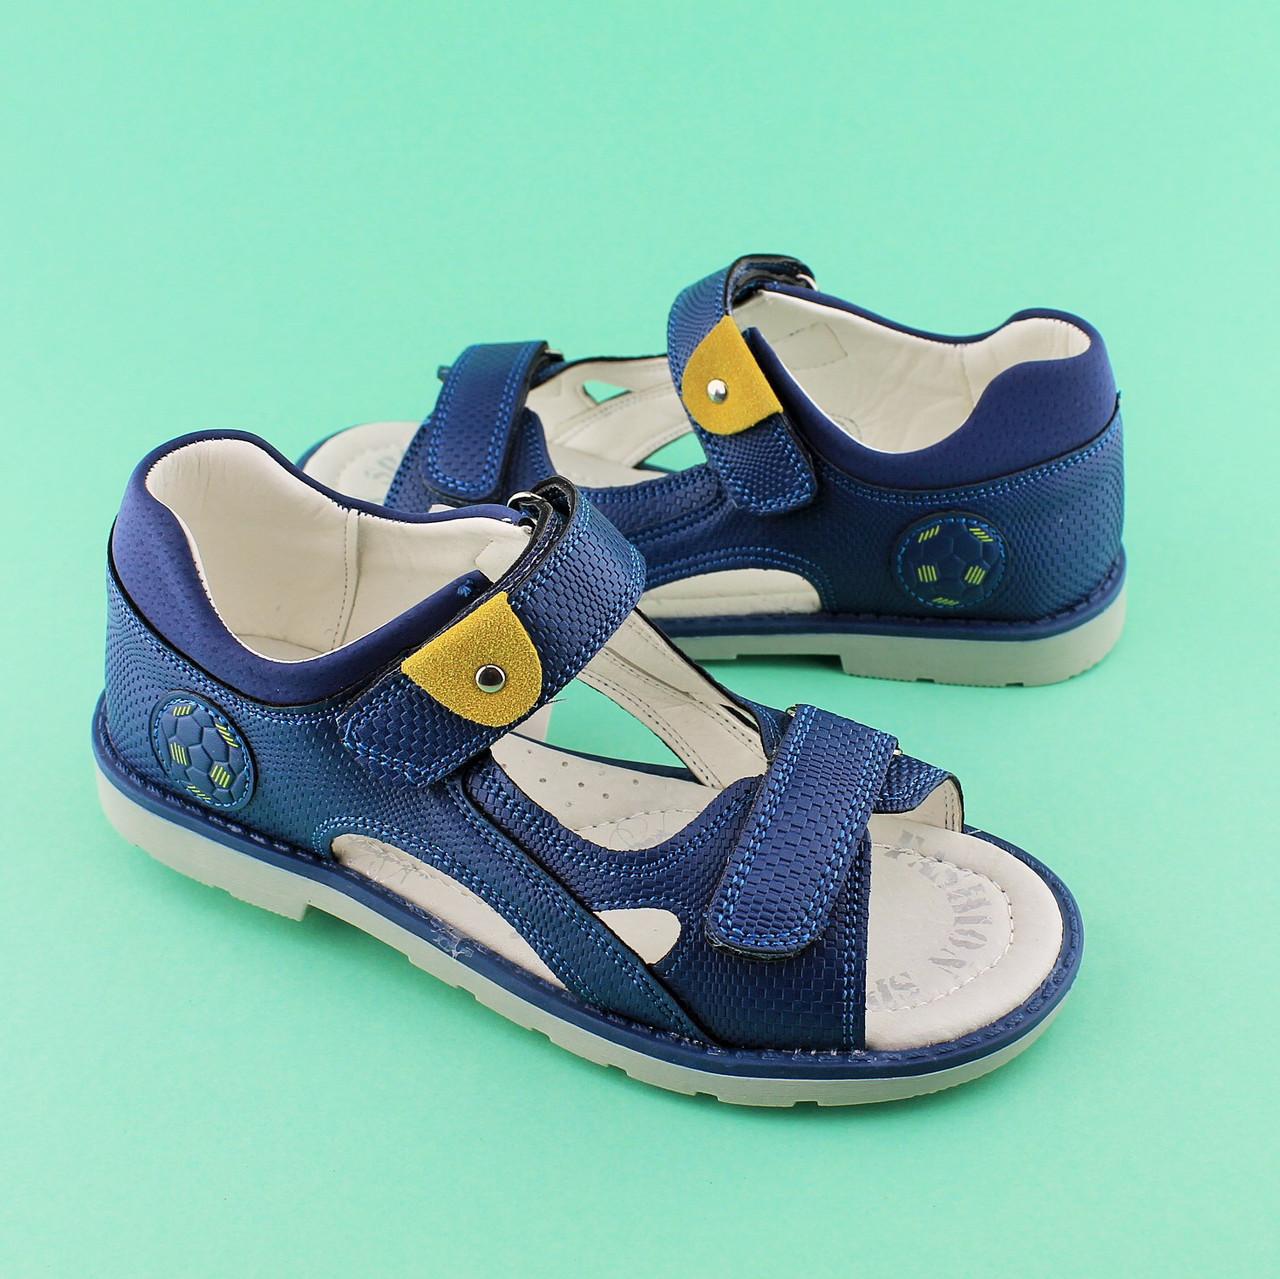 5116fa752 Синие босоножки для мальчика серия Классика Ортопед тм TOMM размеры  33,34,35,